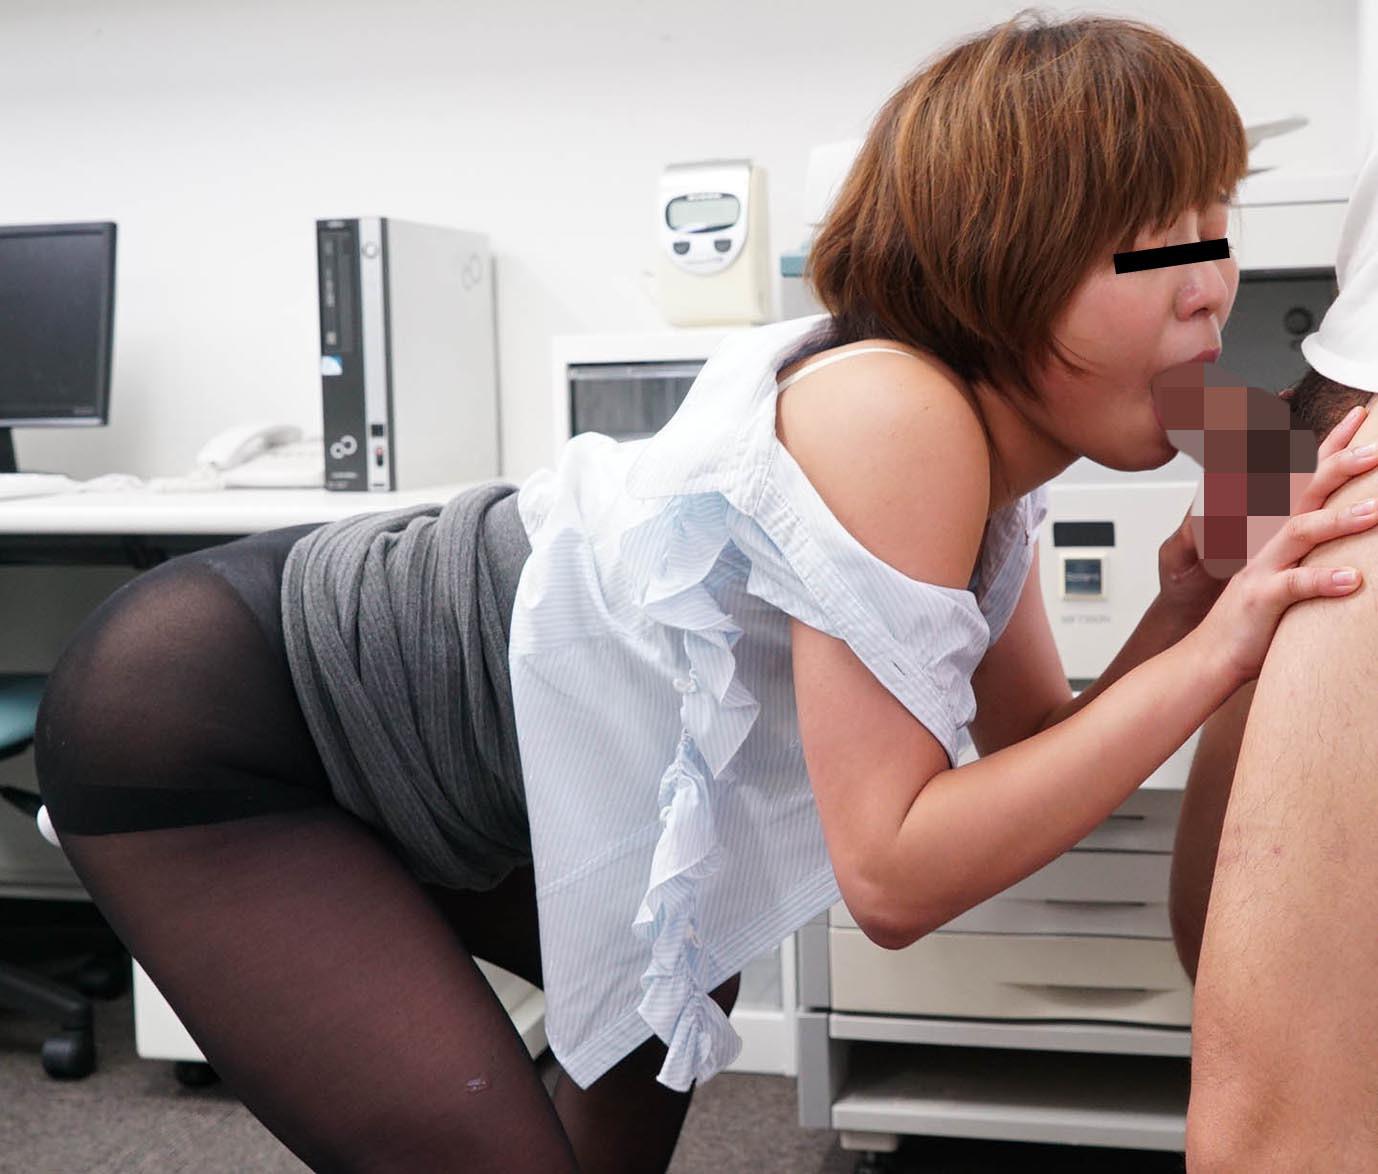 彼女の親友にミニスカパンチラで一撃されて浮気SEX動画撮ってみた